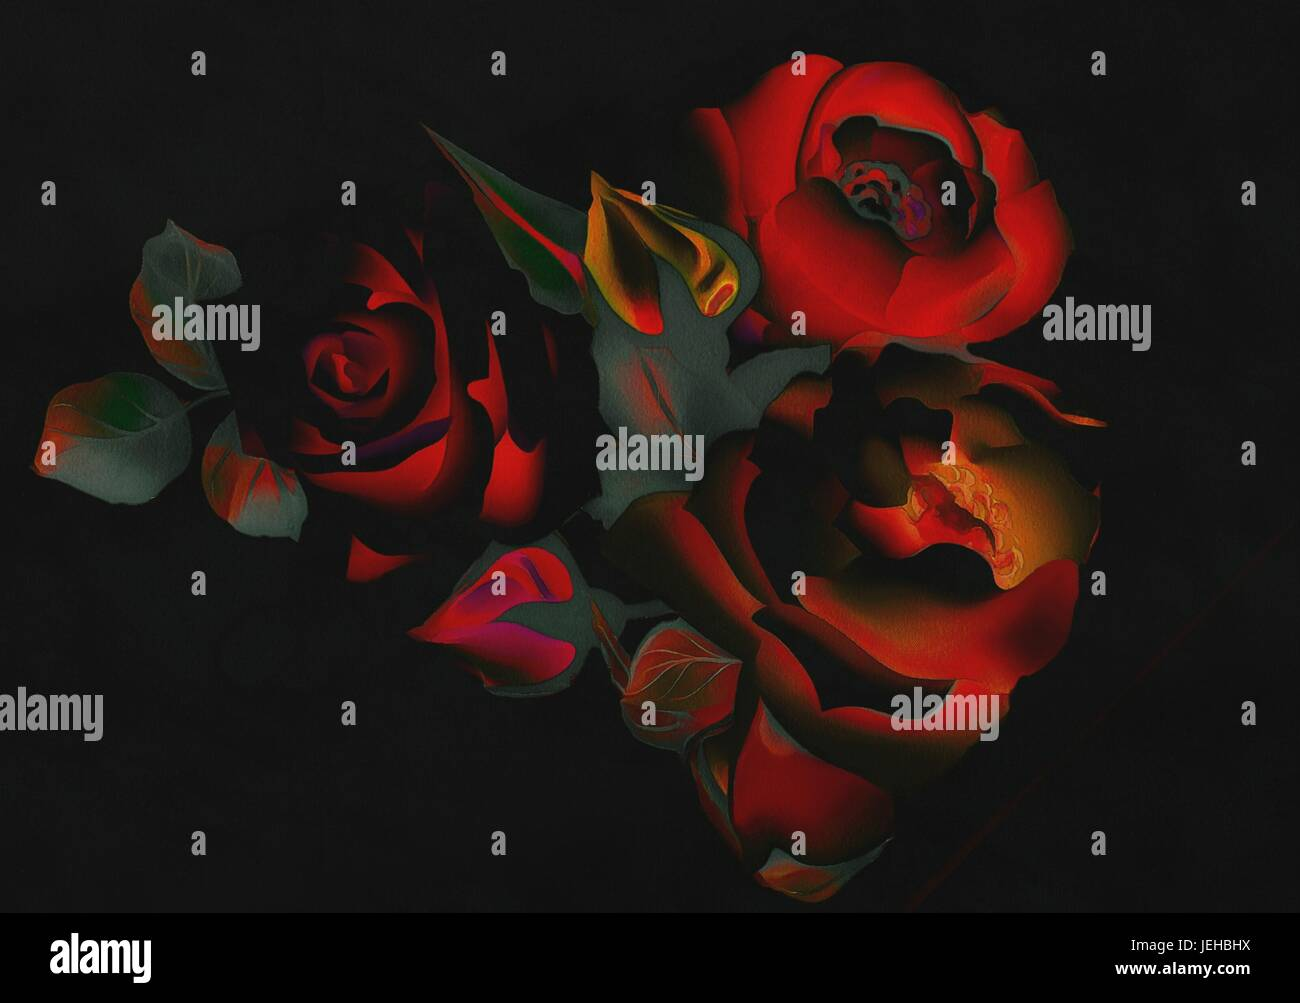 Dessin Abstrait De Roses Dans Le Neon Rouge Fonce Sur Ton Fond